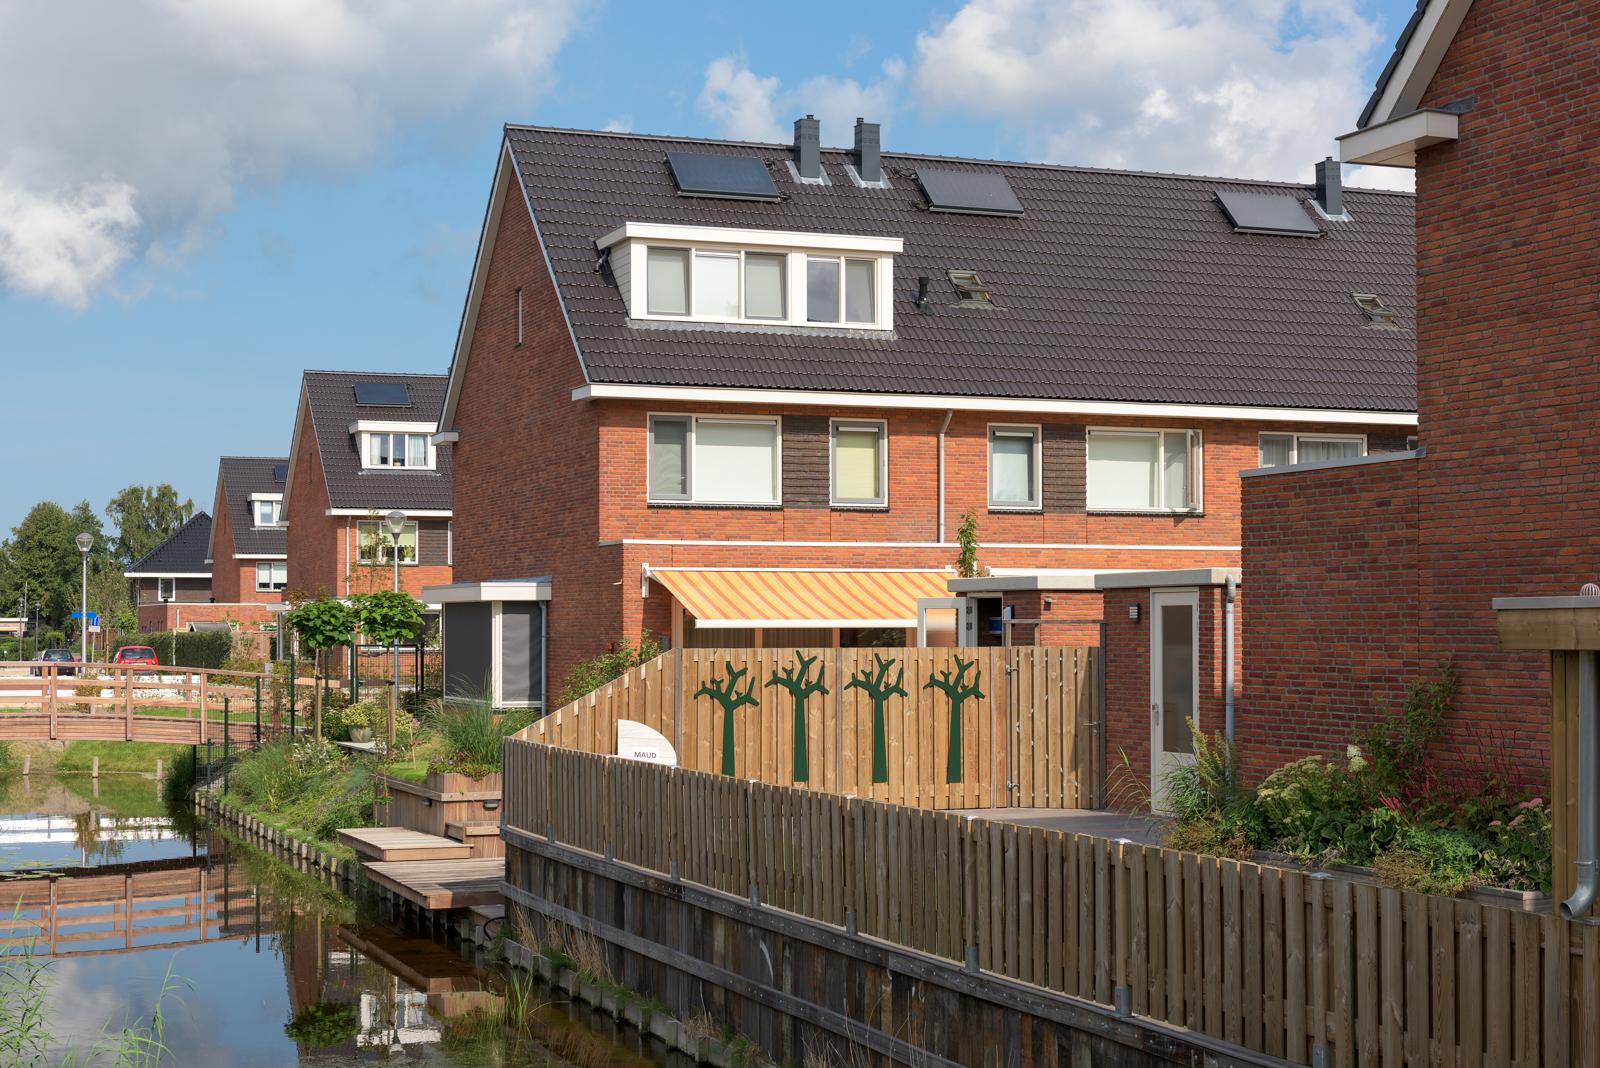 Voorhout plan engelse tuin maat architecten for Interieurarchitecten nederland